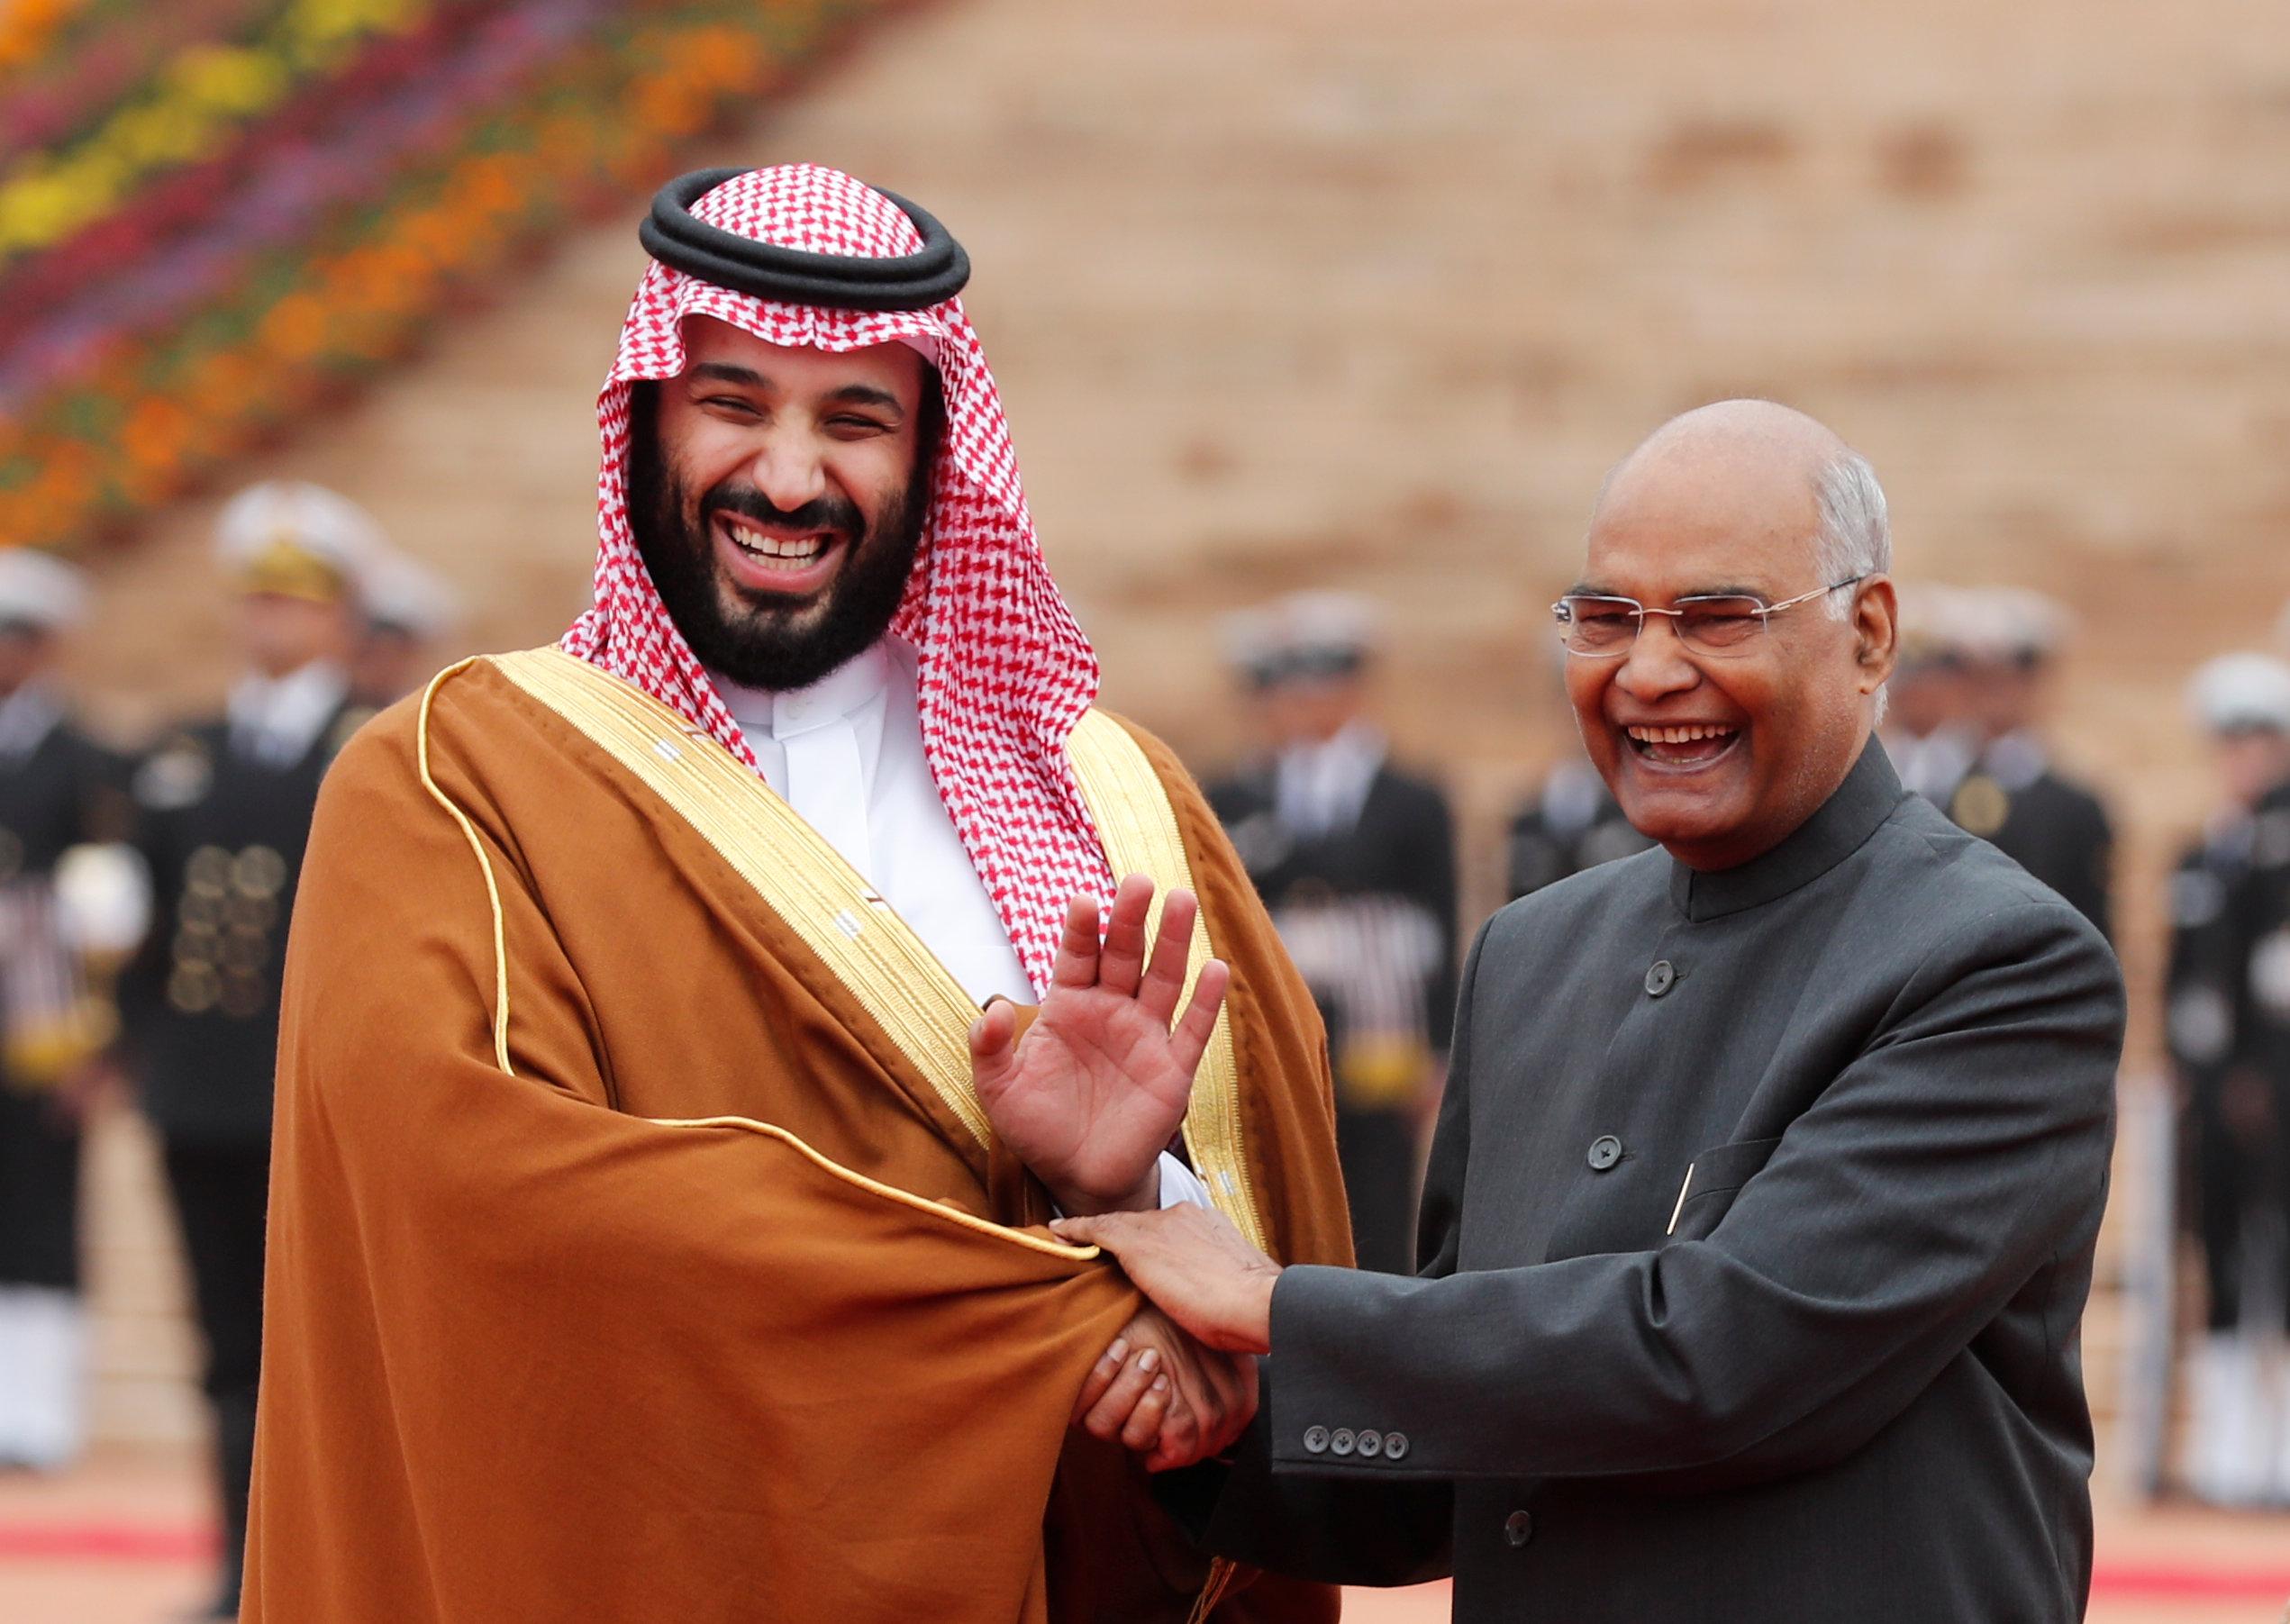 ولى العهد ورئيس الهند